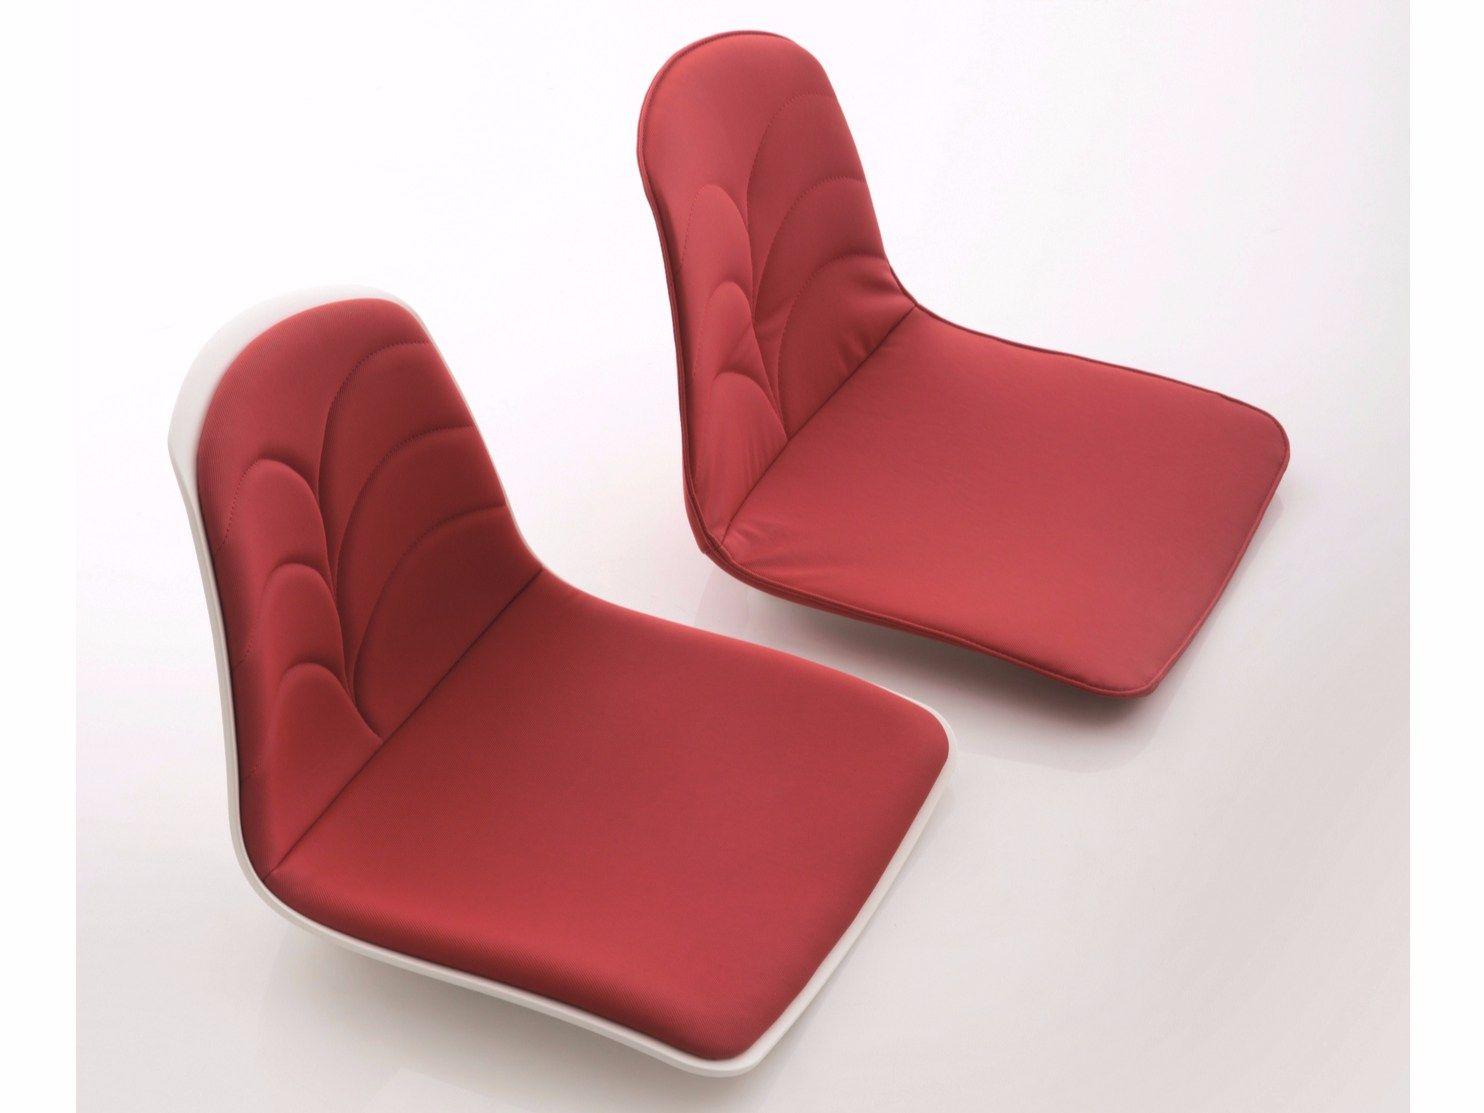 Epoca sedia a dondolo collezione epoca by luxy design for Sedia a dondolo imbottita